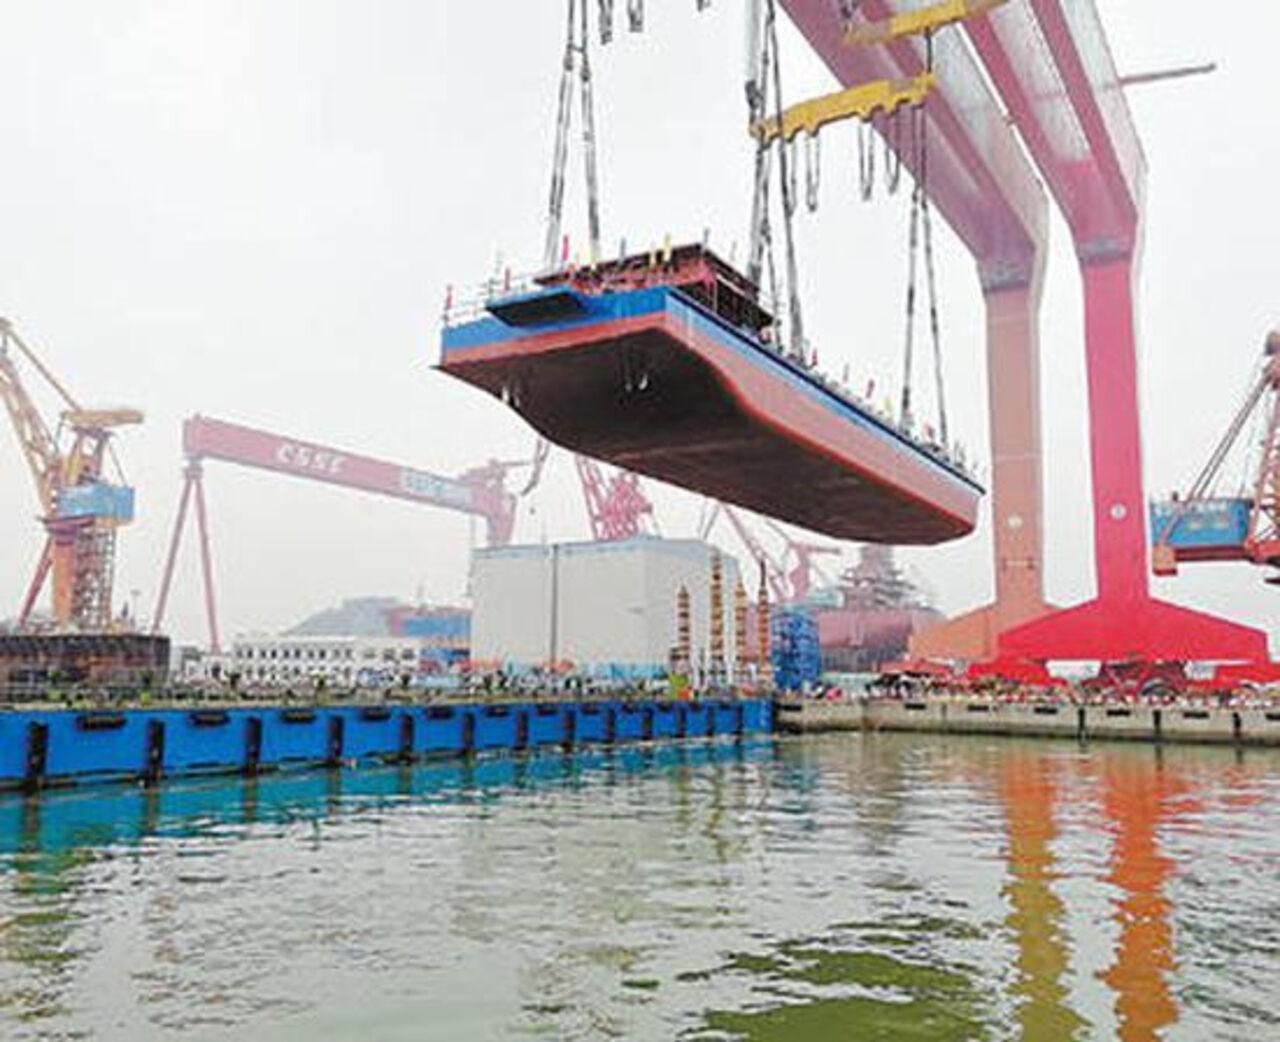 Первое вмире работающее на электрической энергии судно спустил наводу КНР